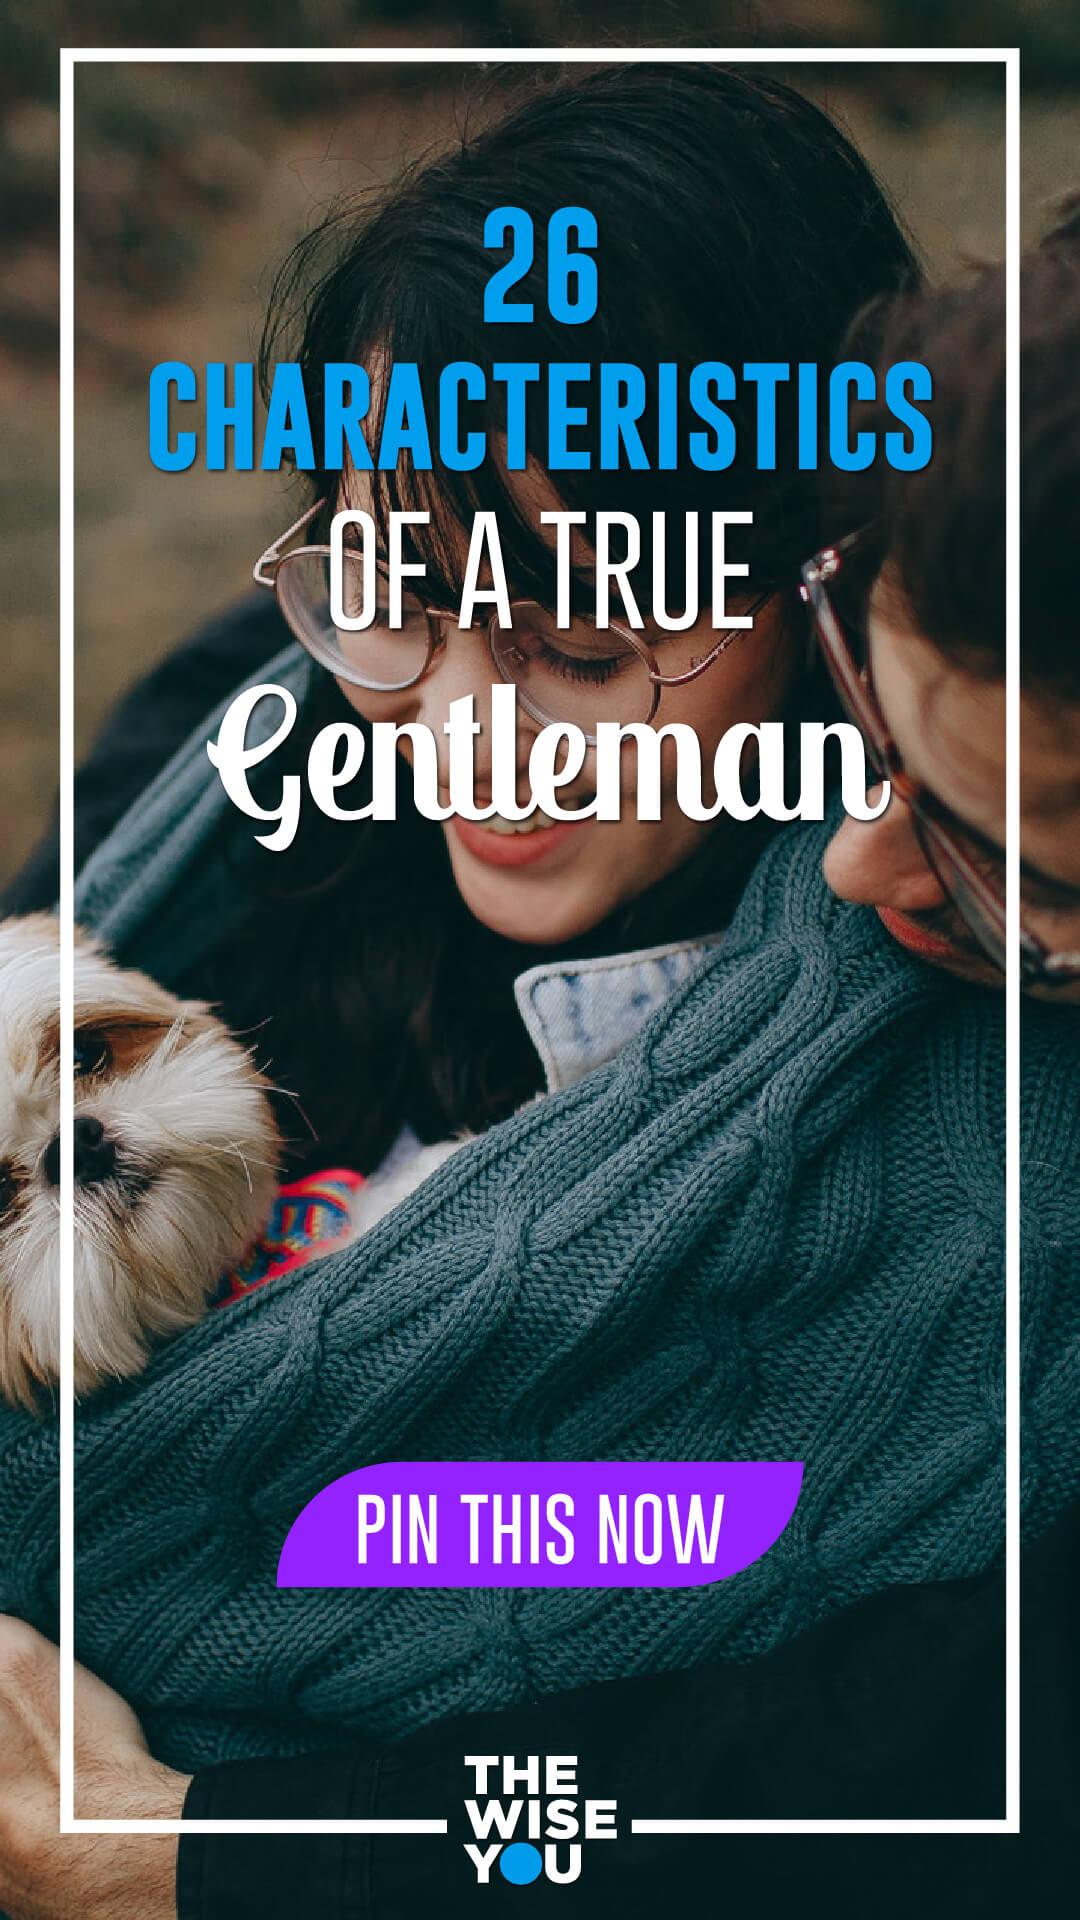 Characteristics of Gentleman